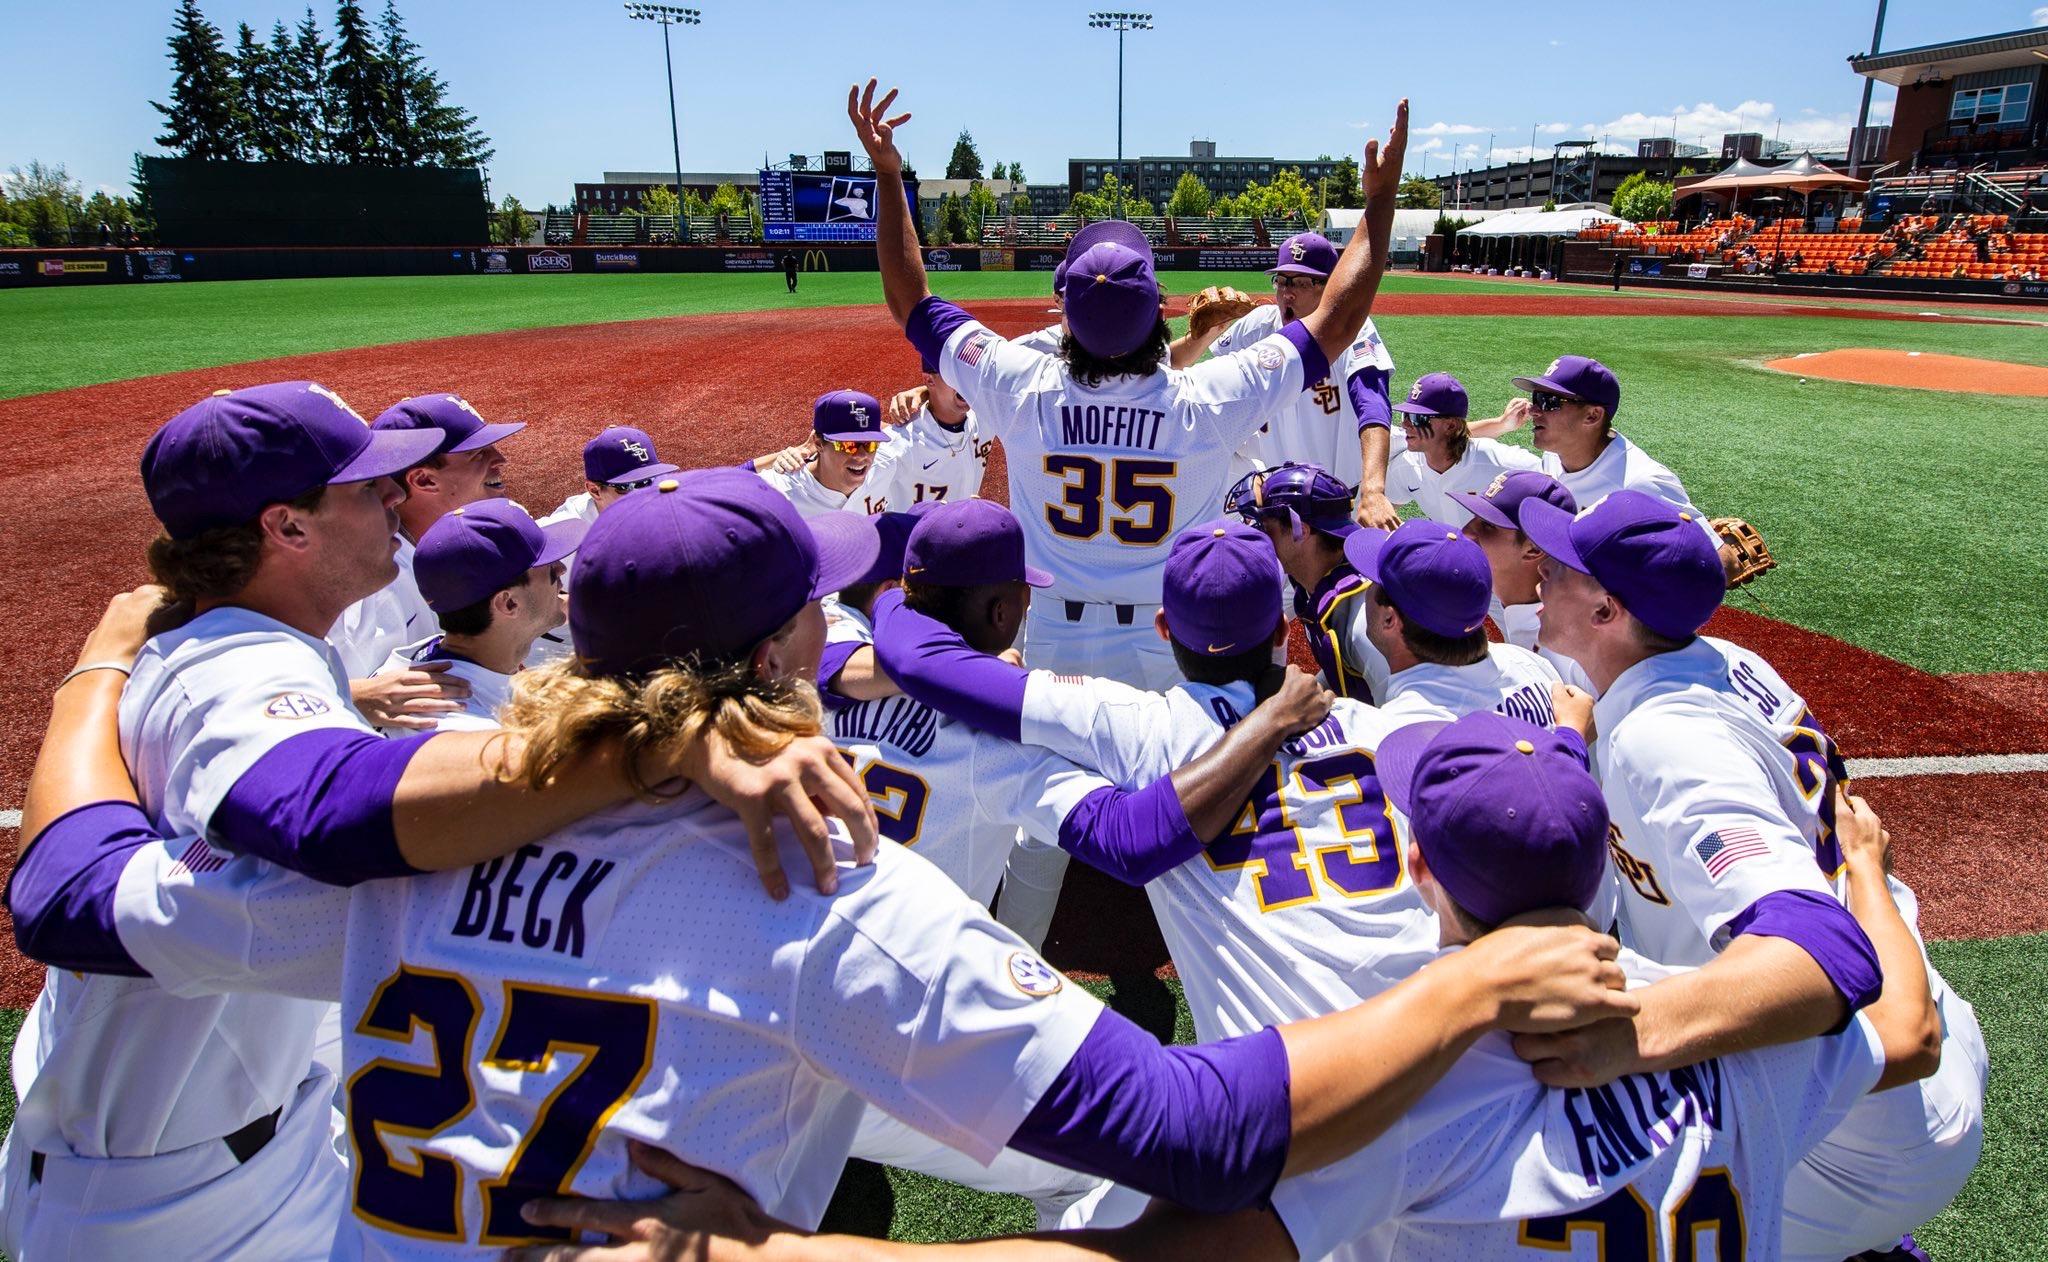 Keep up with LSU Baseball and the MLB Draft